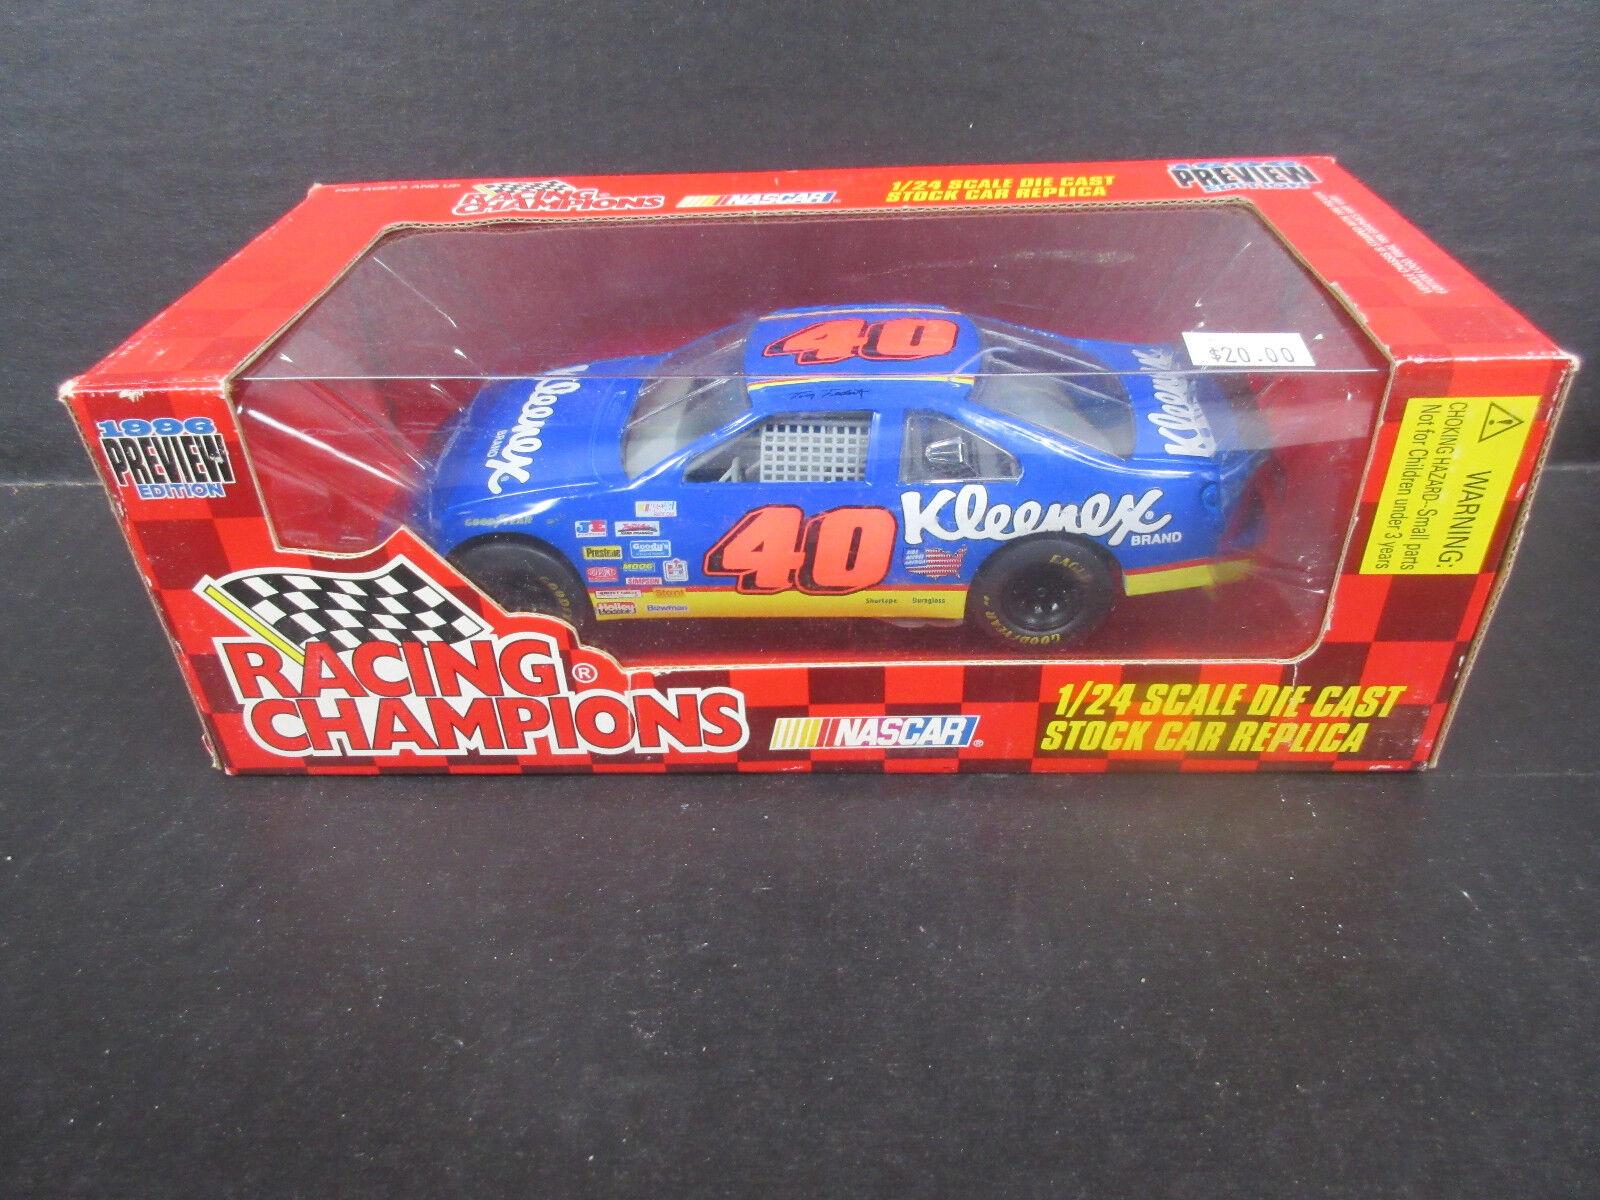 precios mas baratos 1996 Racing Champions Champions Champions Vista previa Edition  40 1 24 coche  punto de venta barato